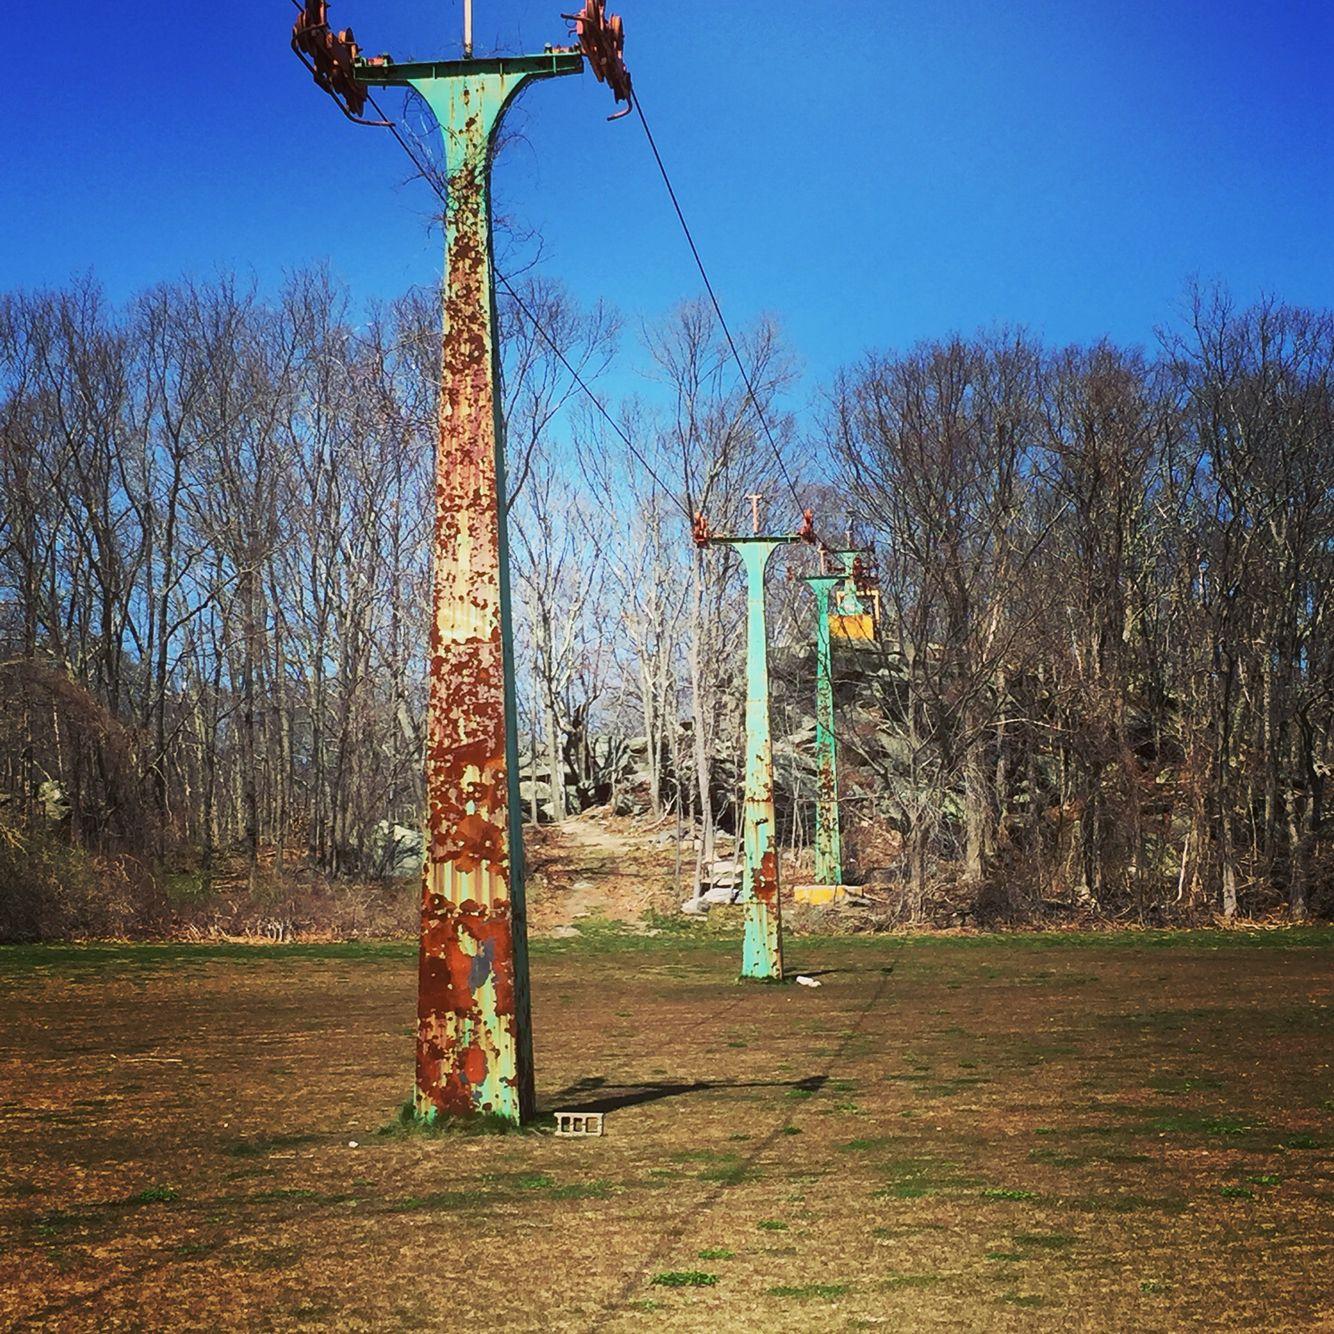 Abandoned Amusement Parks, Abandoned